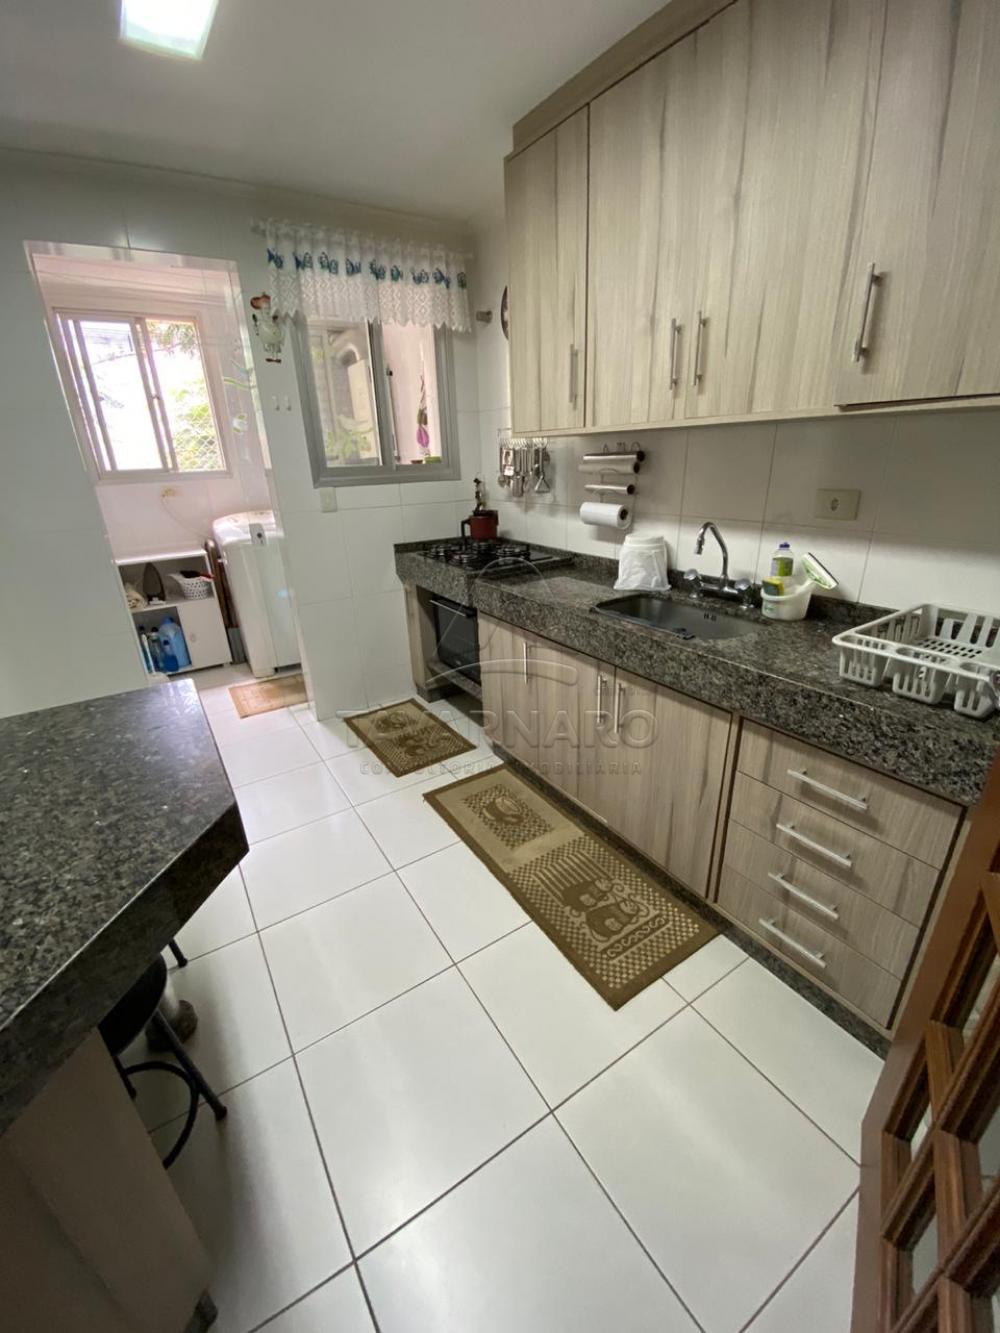 Comprar Apartamento / Padrão em Ponta Grossa R$ 450.000,00 - Foto 7